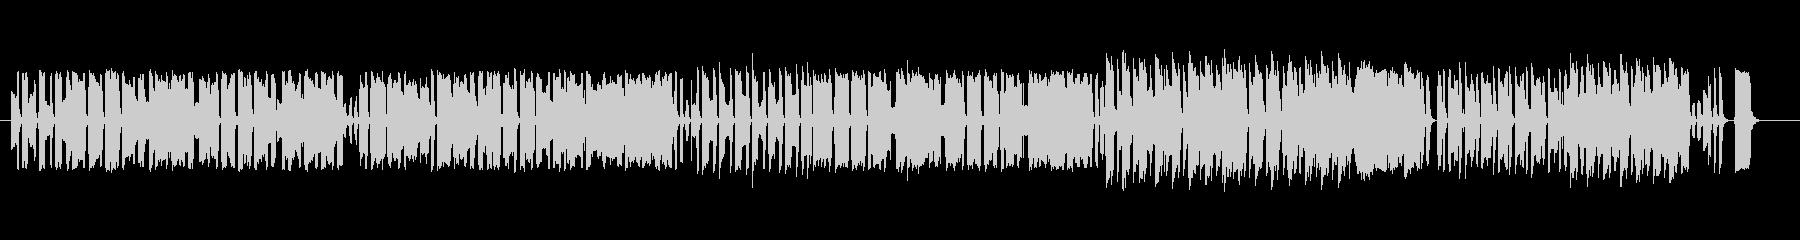 アコーディオン ゆるいワルツの未再生の波形